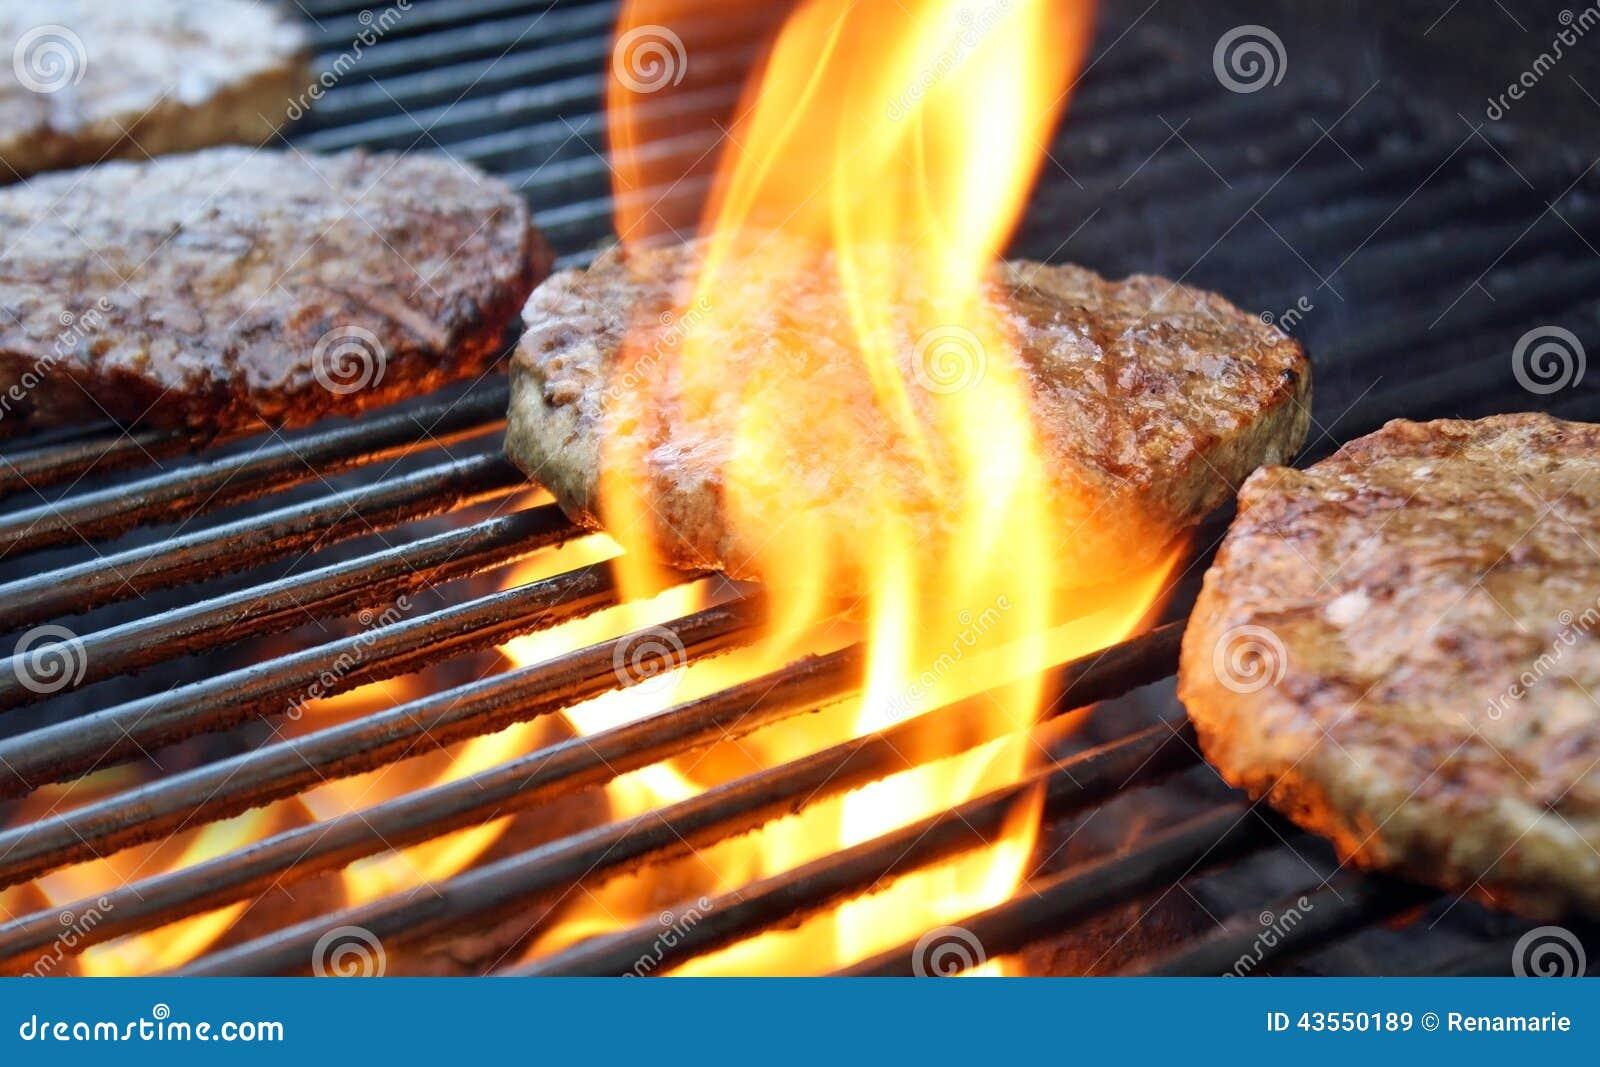 Μαγείρεμα Burgers πέρα από τις φλόγες στη σχάρα